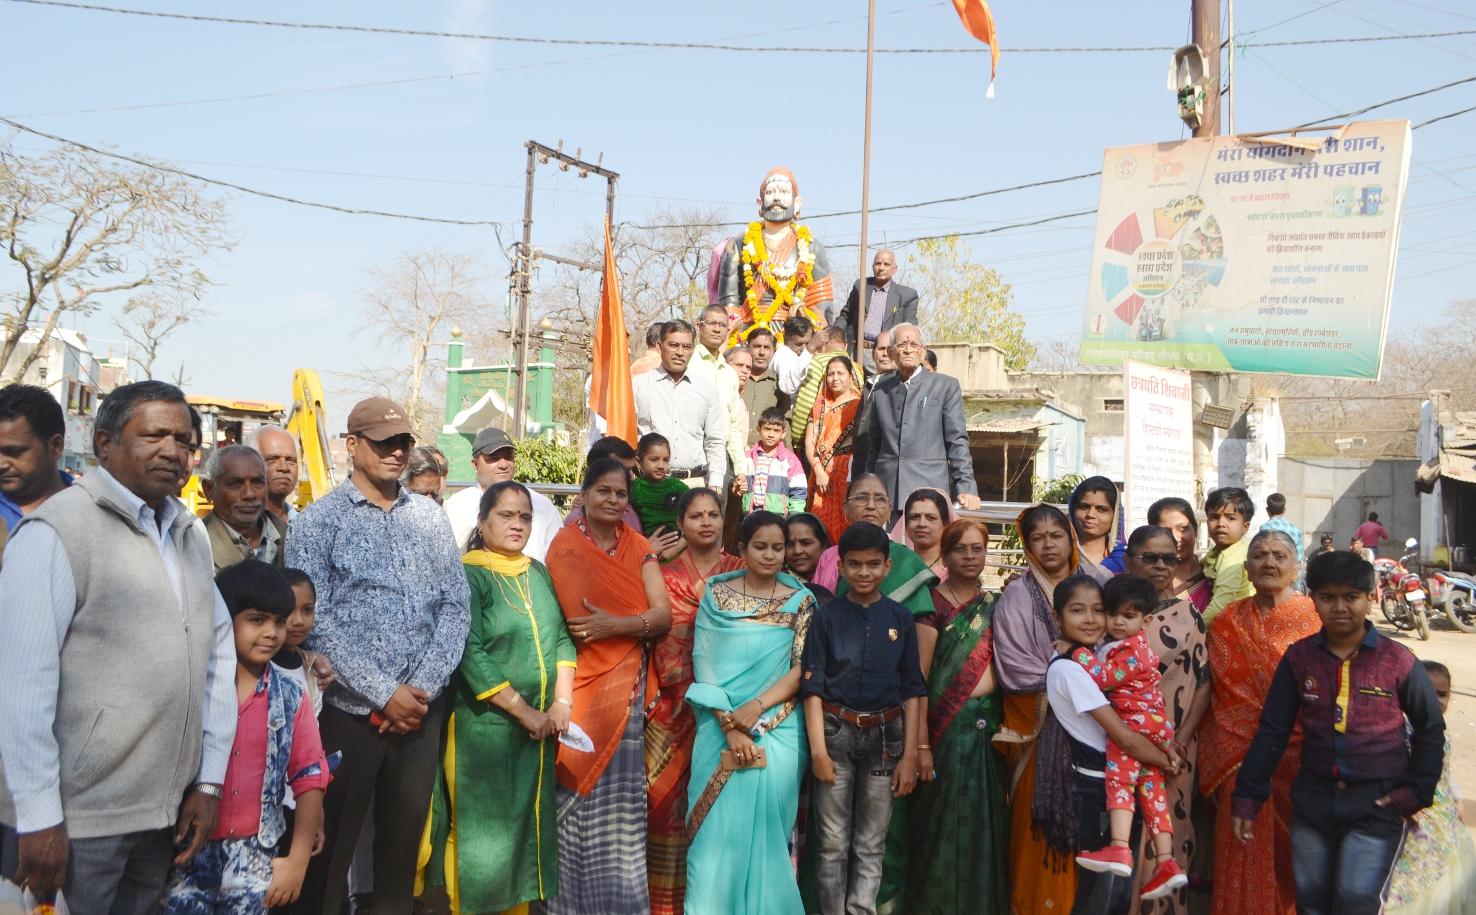 क्षत्रिय मराठा समाज ने मनाई छत्रपति शिवाजी की 389 जयंती